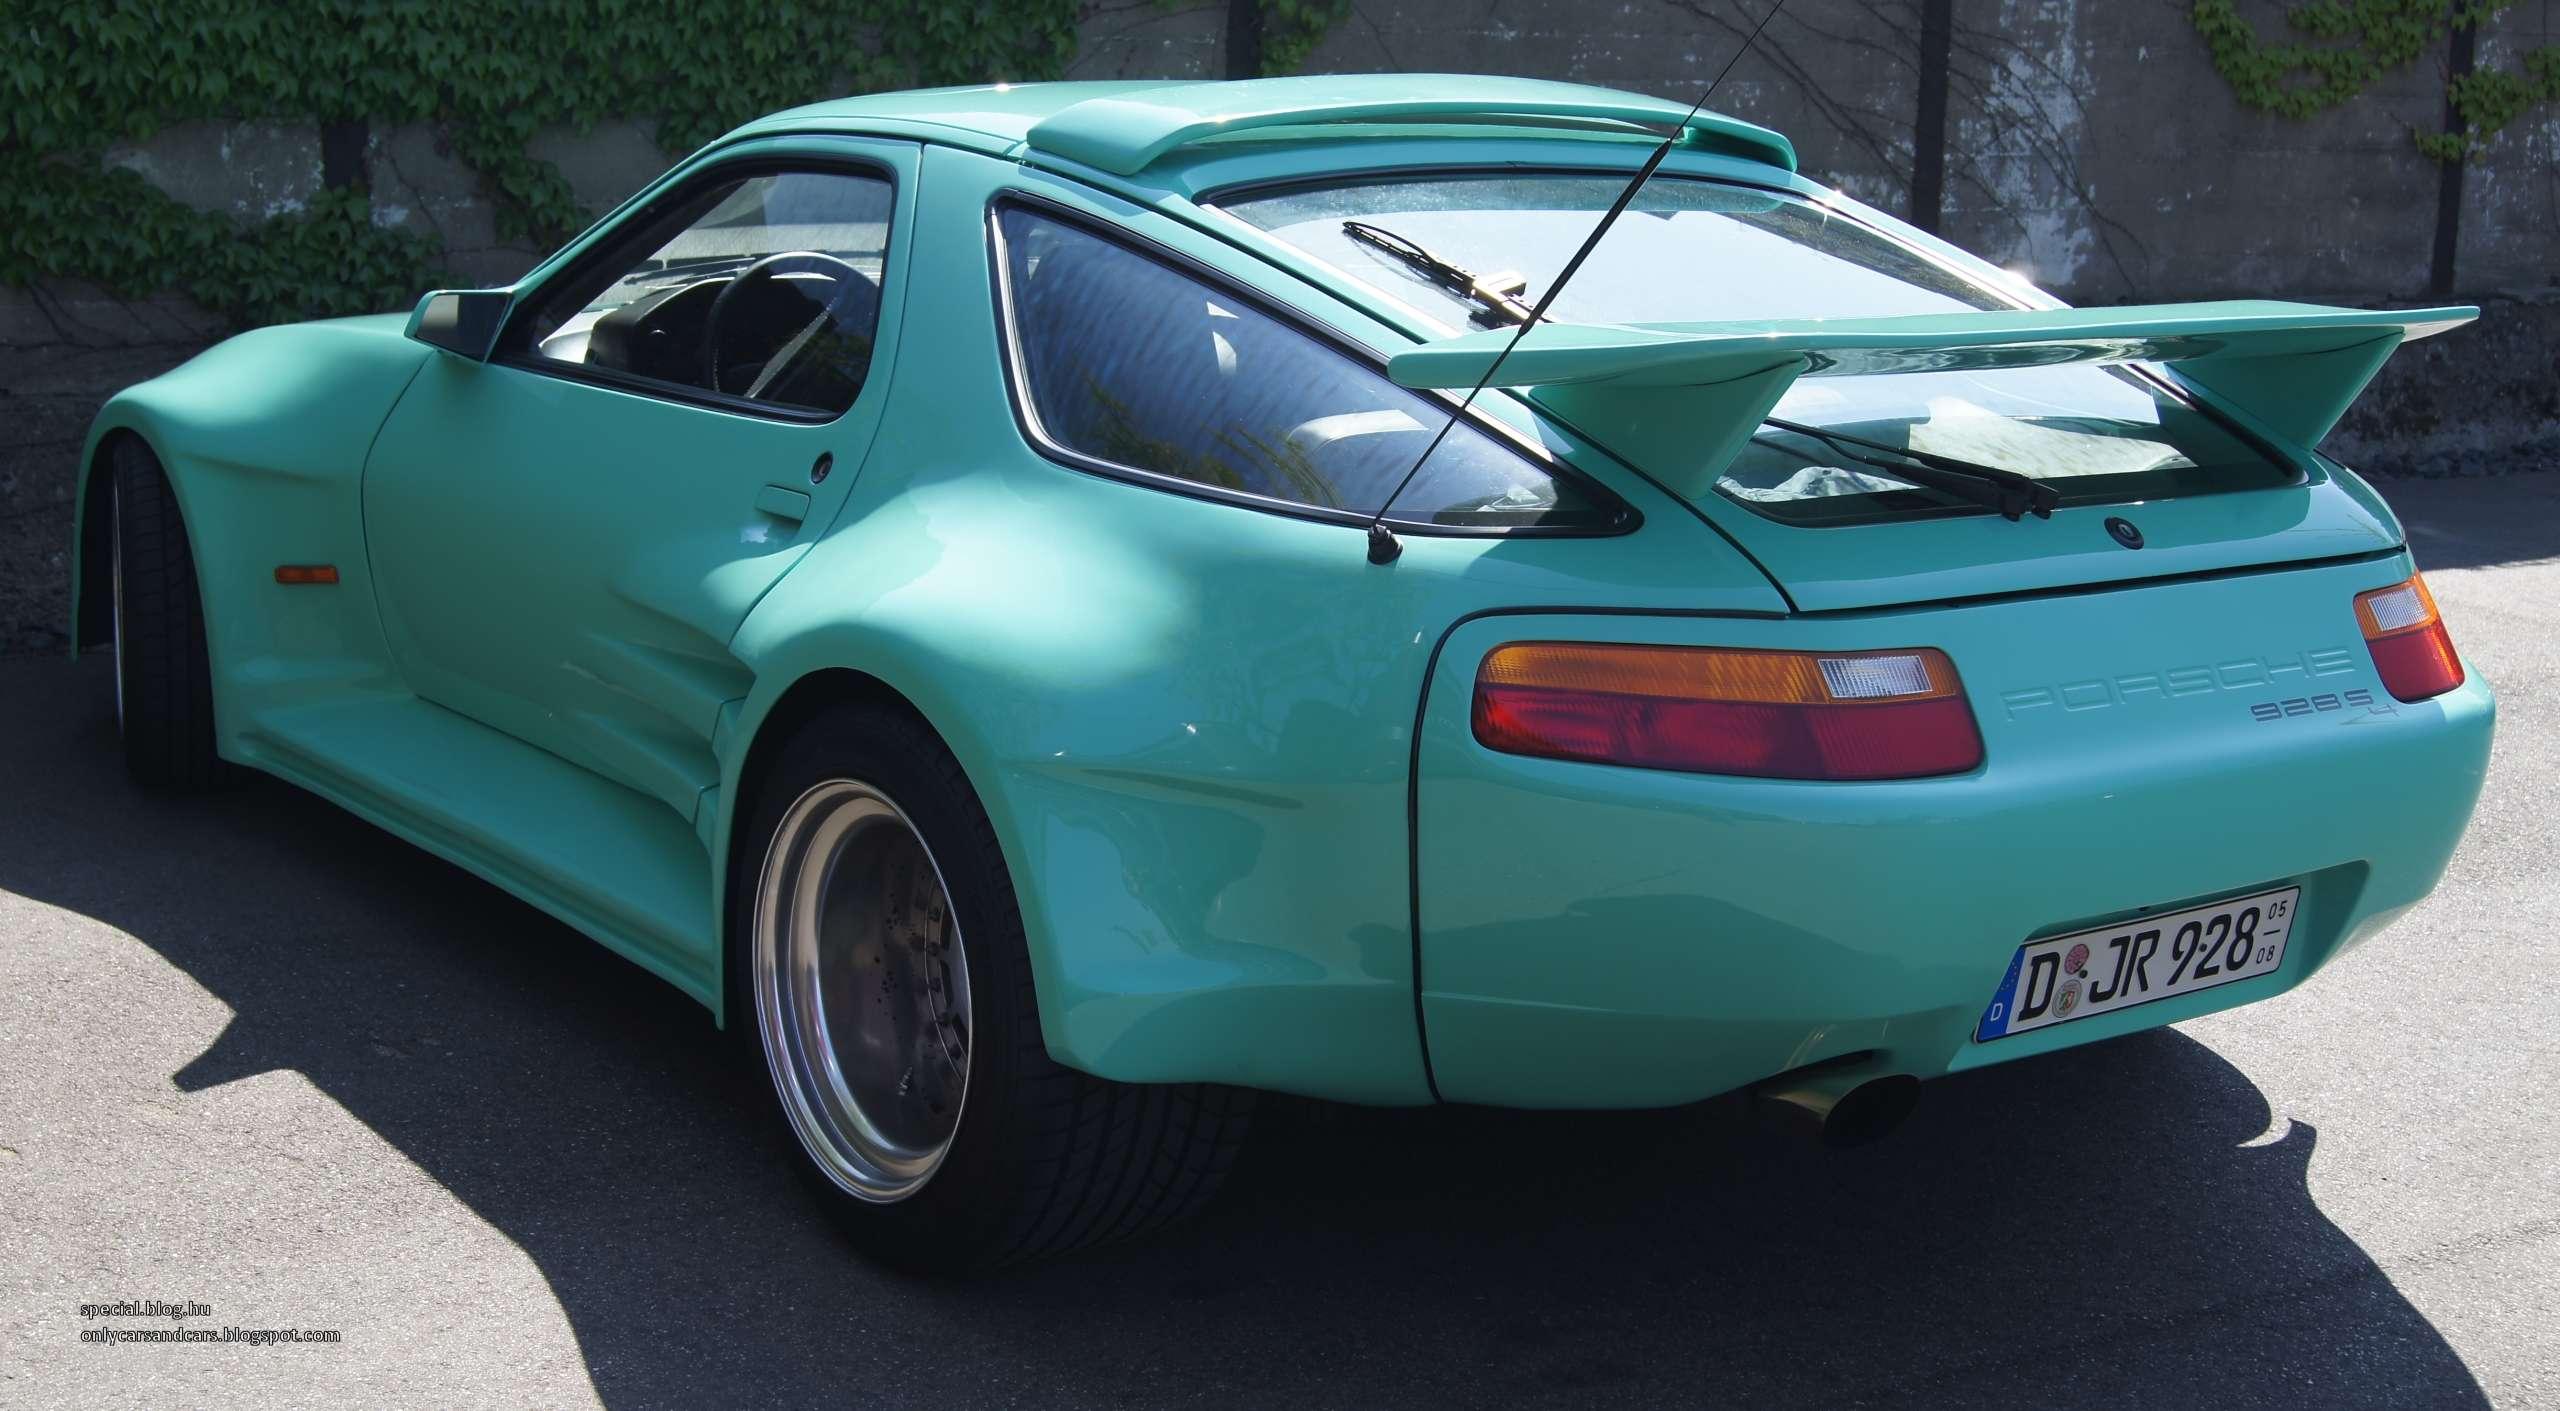 Porsche 928 S4 Ultra By Strosek Design Sport Car